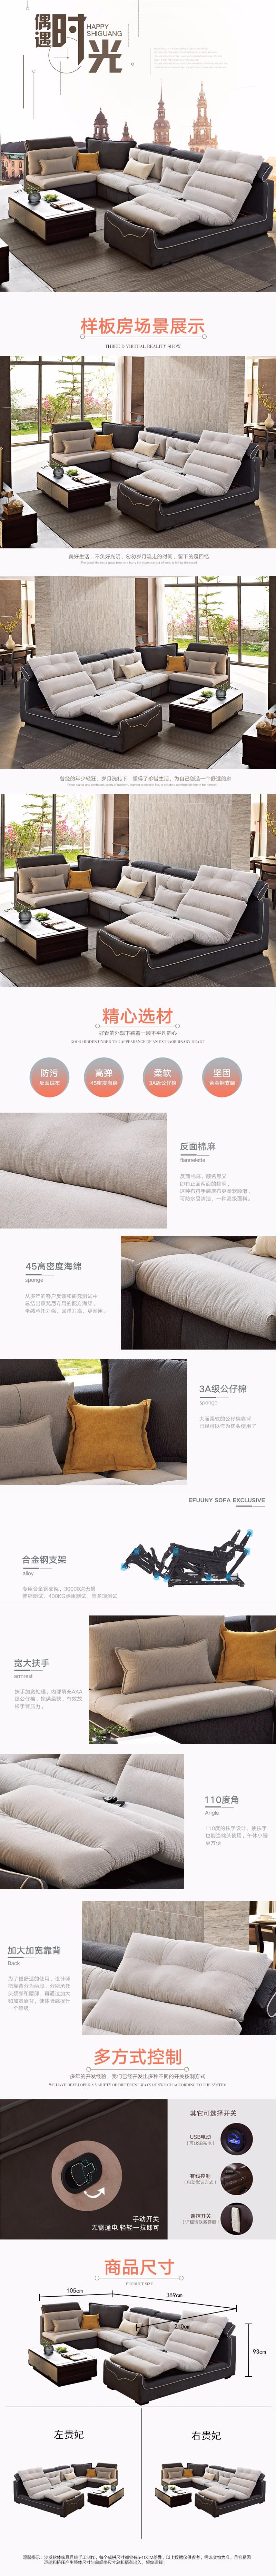 817功能布藝沙發小戶型客廳家具.jpg